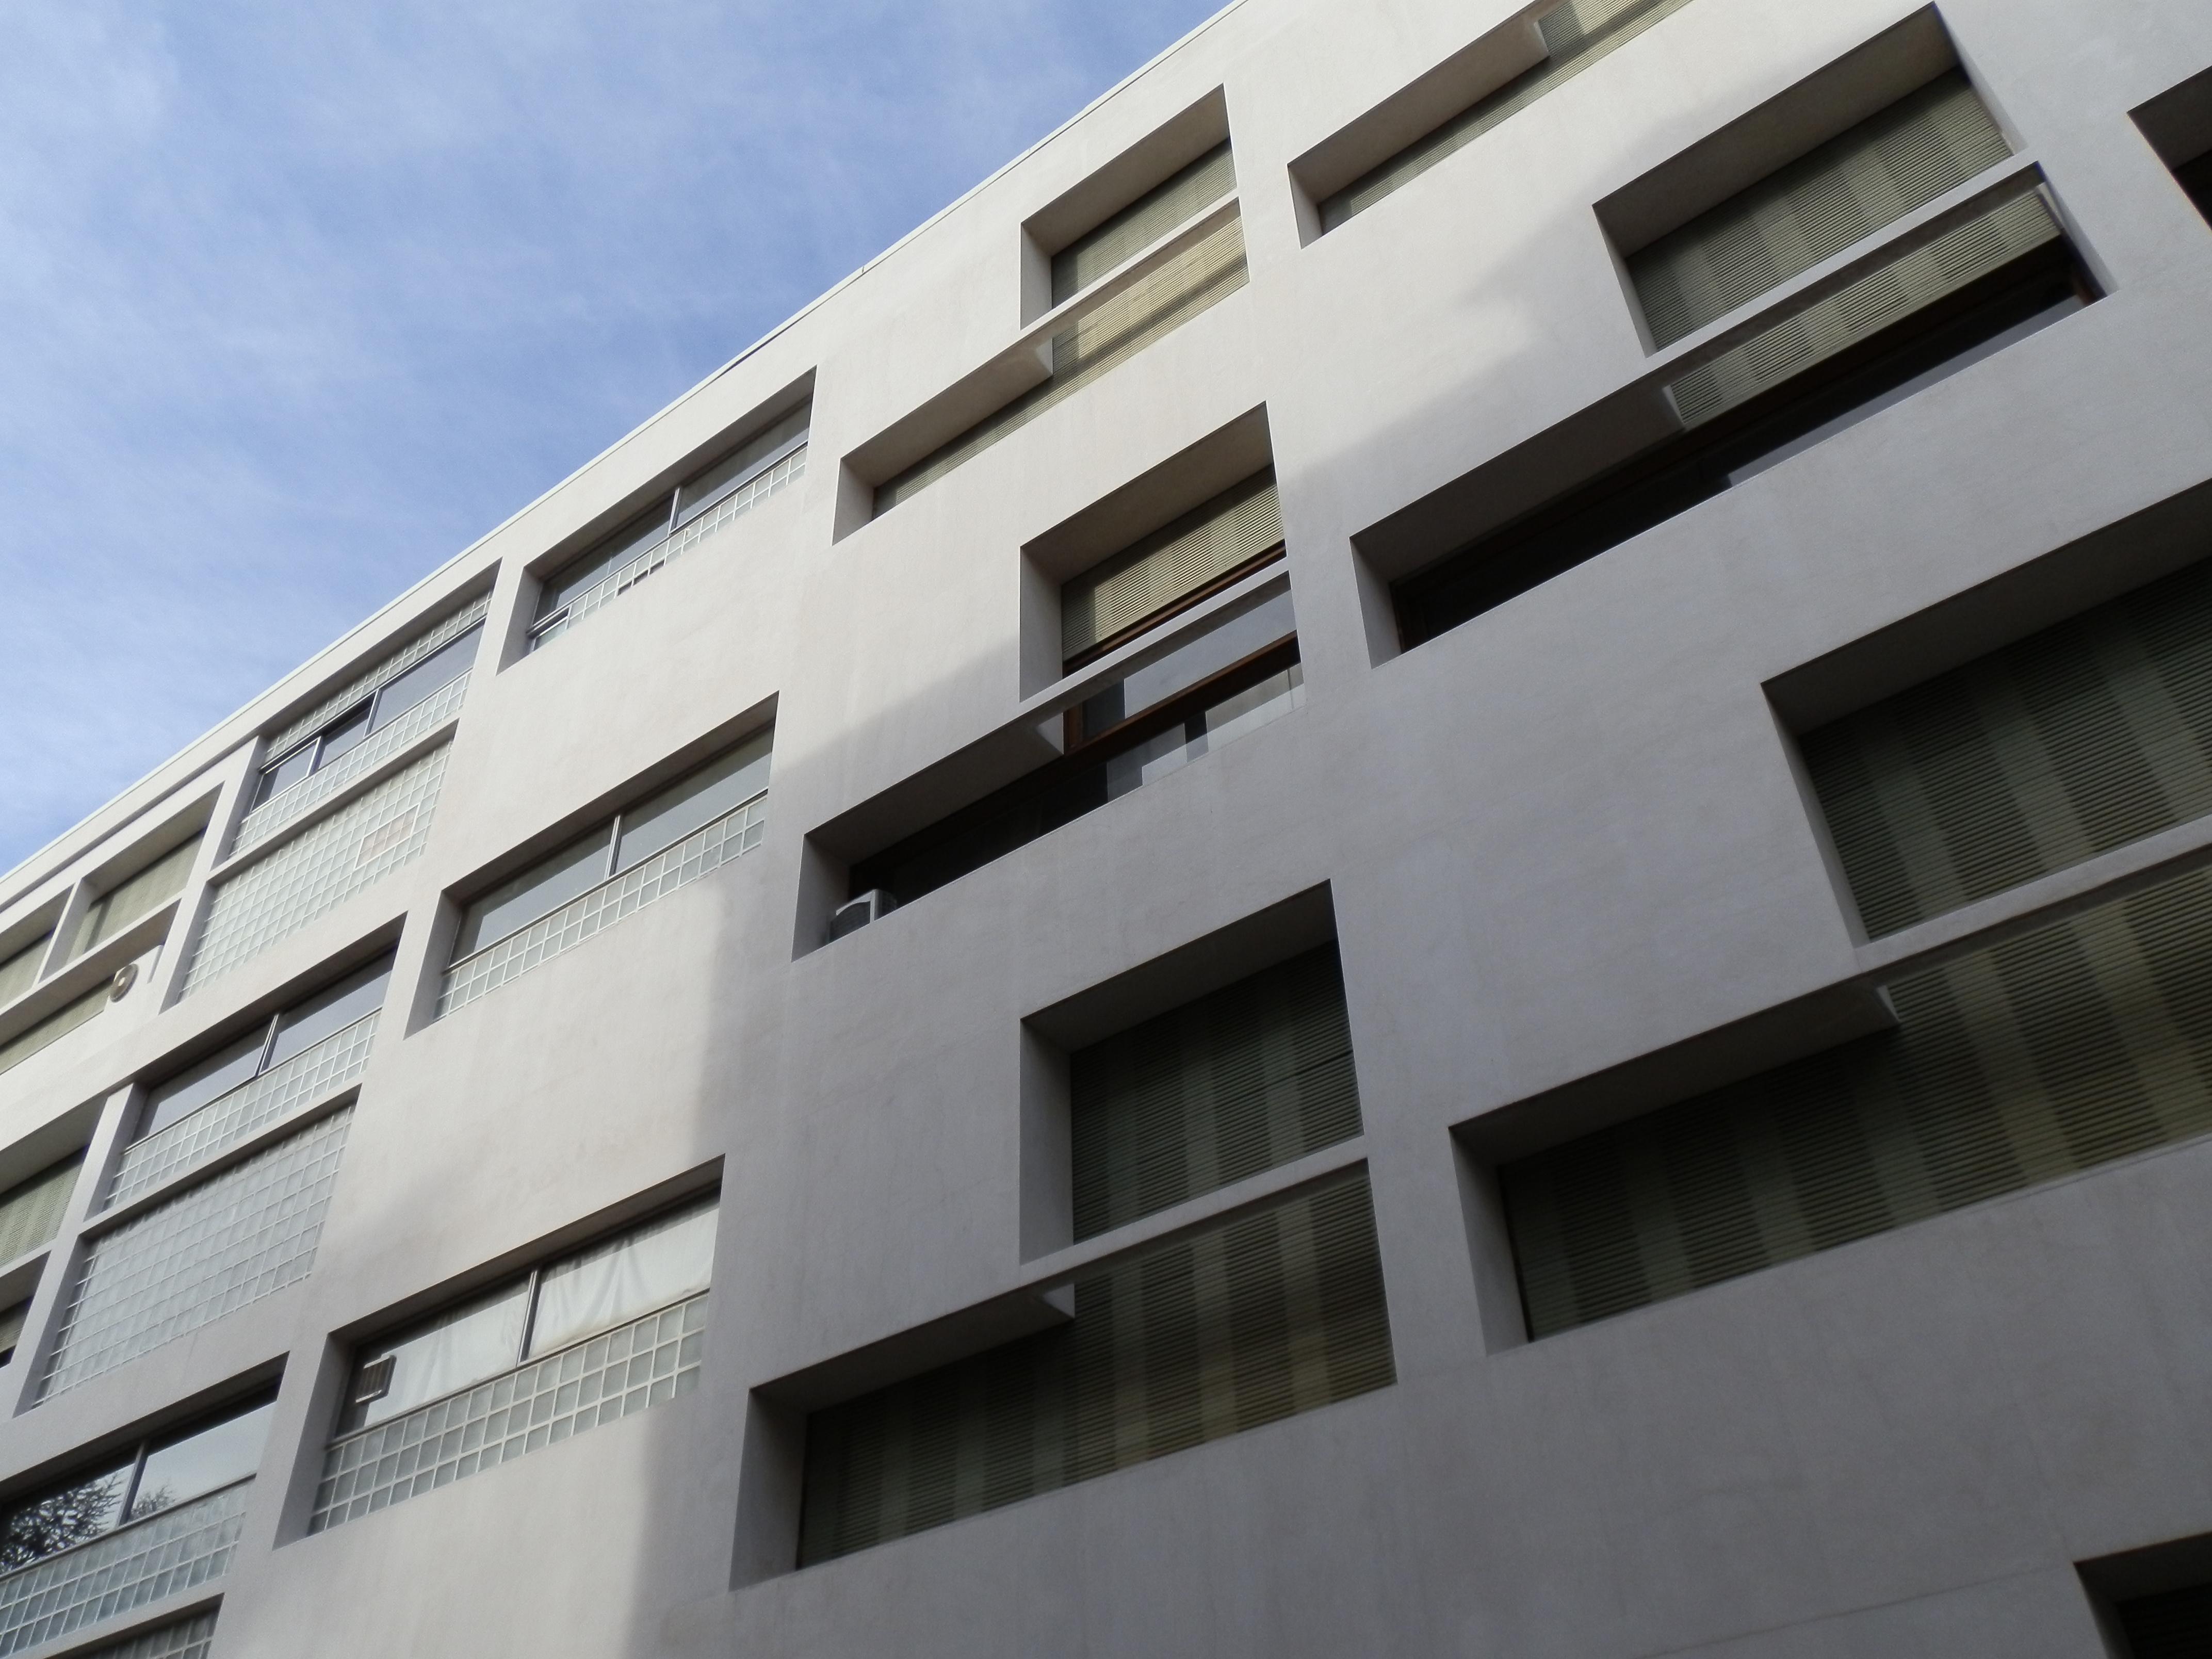 Un architetto europeo como costruttoridifuturo for Architettura moderna e contemporanea